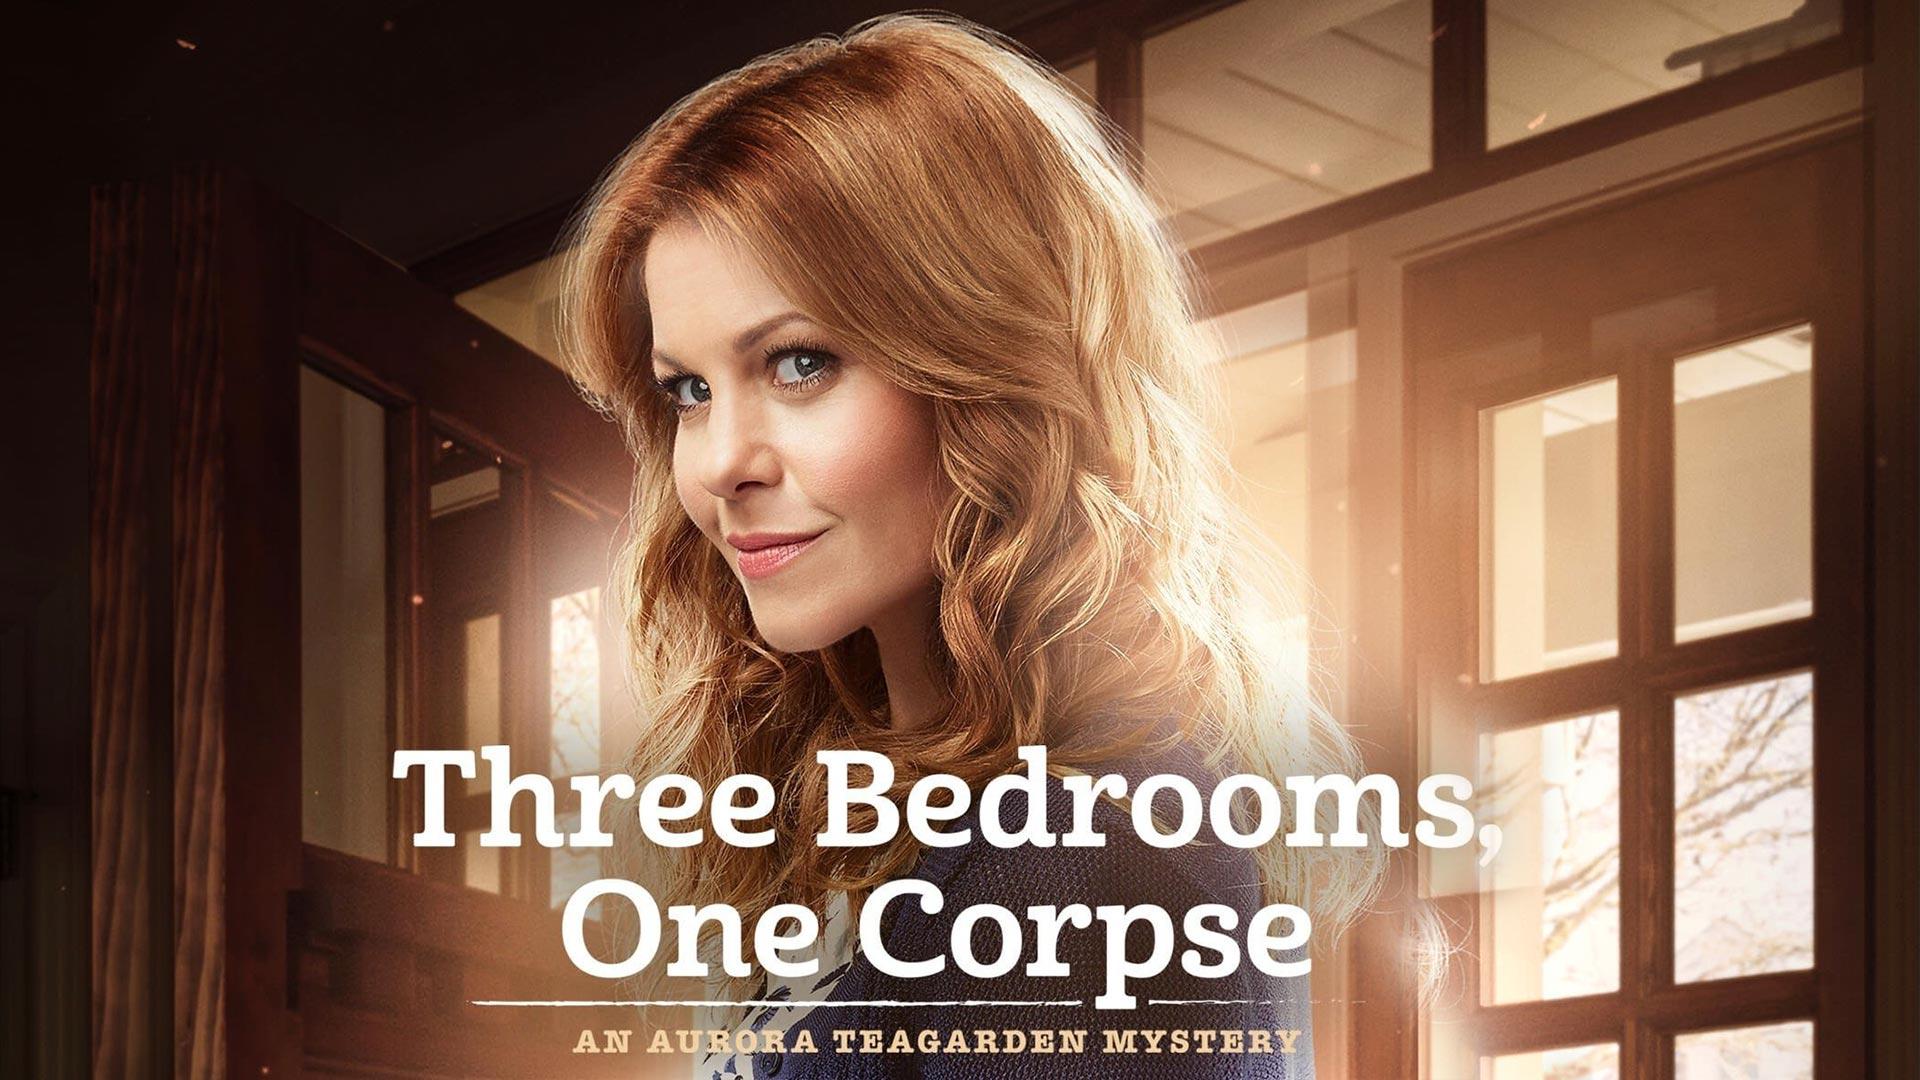 Aurora Teagarden Mysteries: Three Bedrooms, One Corpse